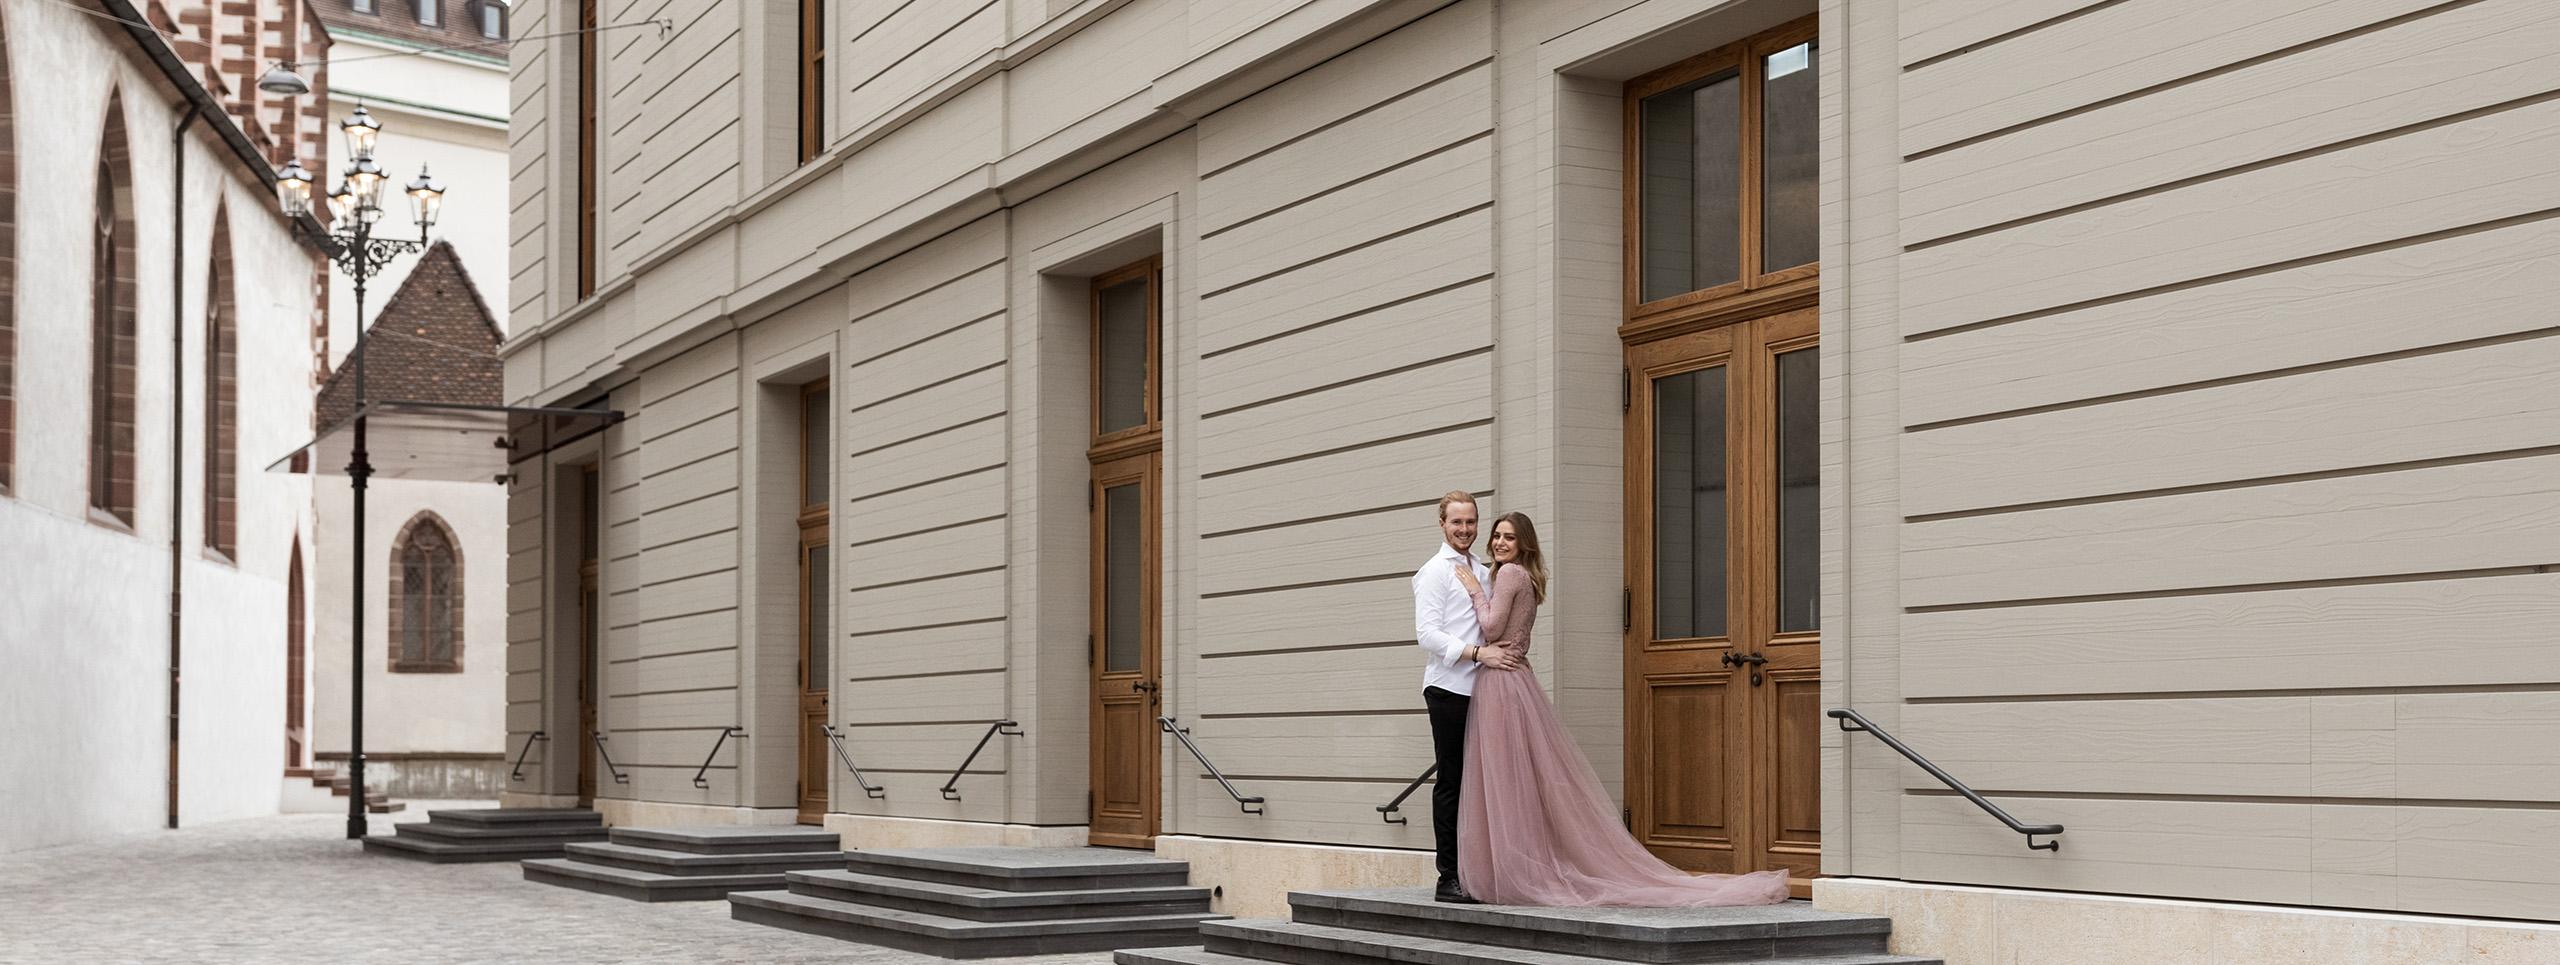 Hochzeits Fotoshooting in Basel Hochzeitsfotograf Basel Nicole.Gallery